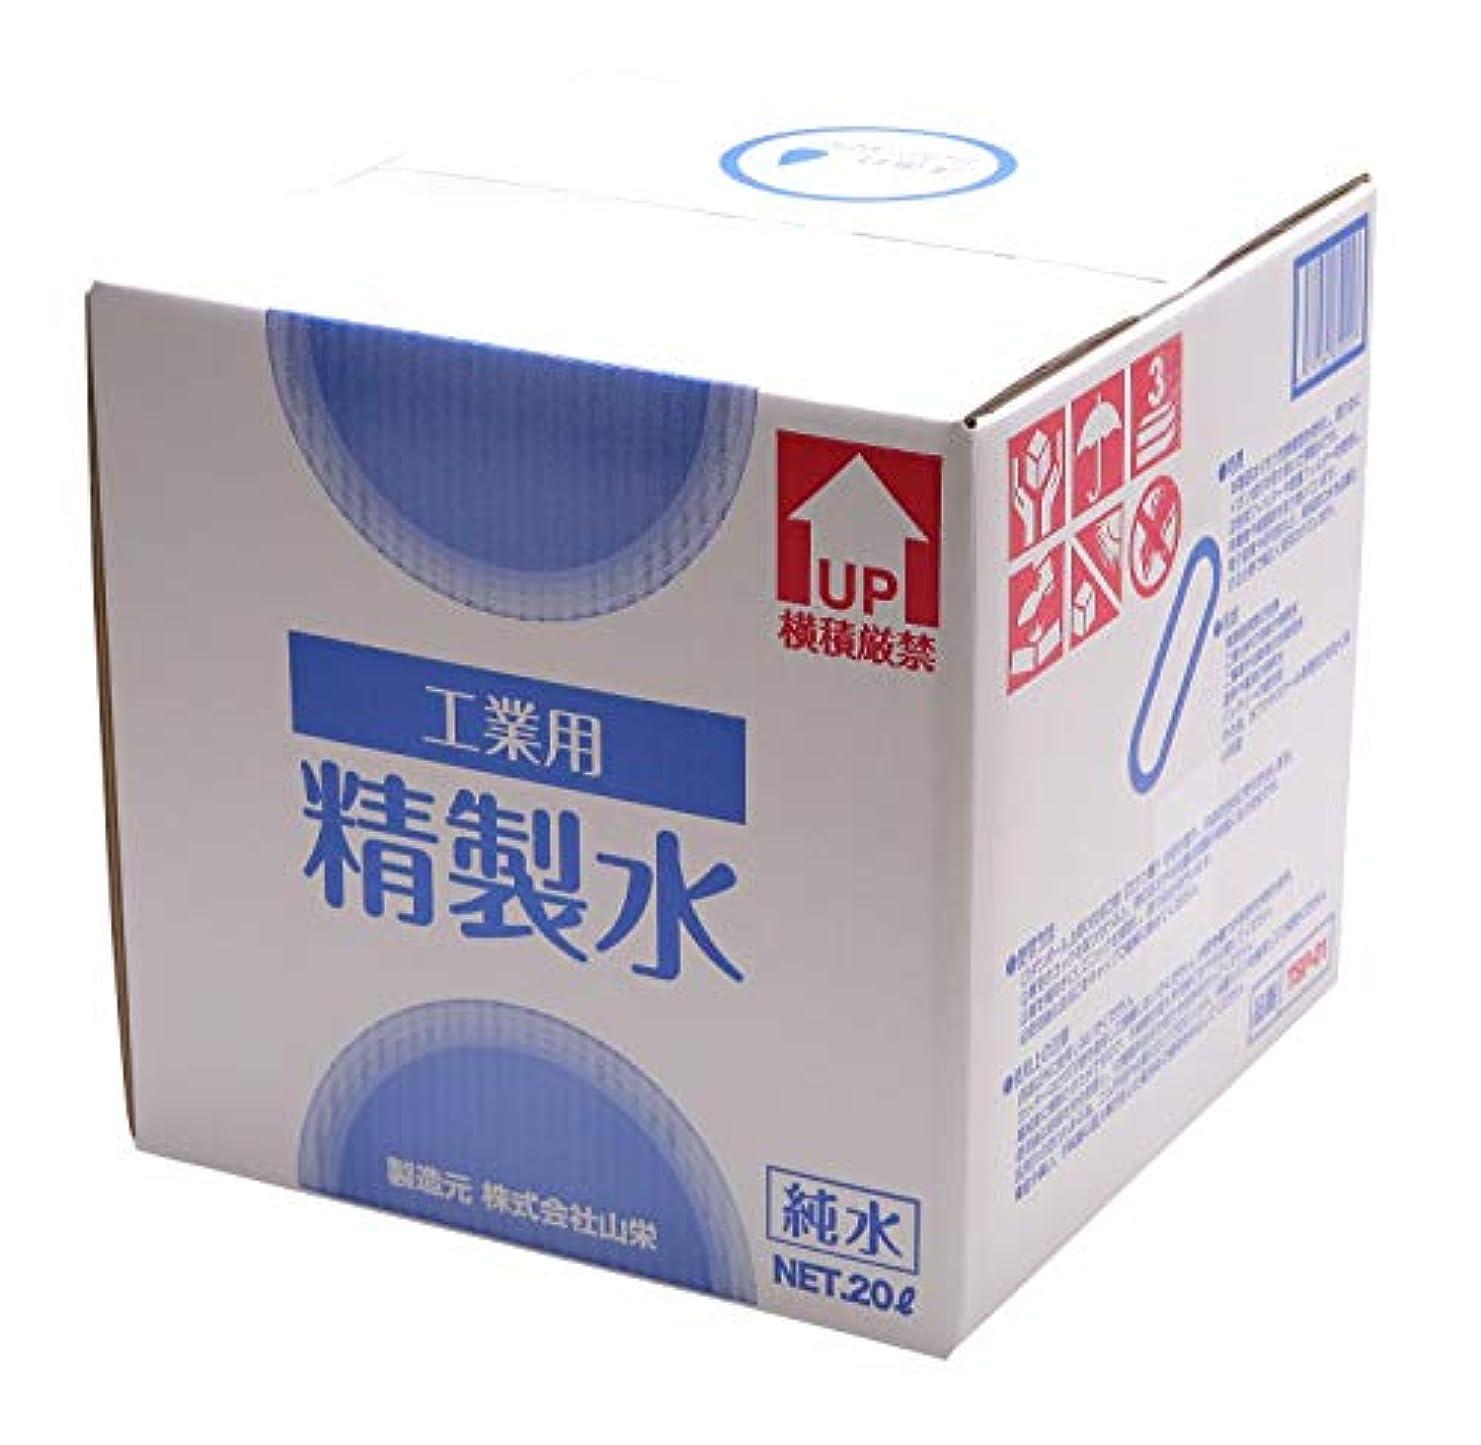 バッジ太陽シチリアサンエイ化学 工業用 精製水 [ 20L 1箱 : コック付き ] (工業用/業務用) 洗浄水 補給用水 化粧用 加湿器 美顔器 日本産 純水